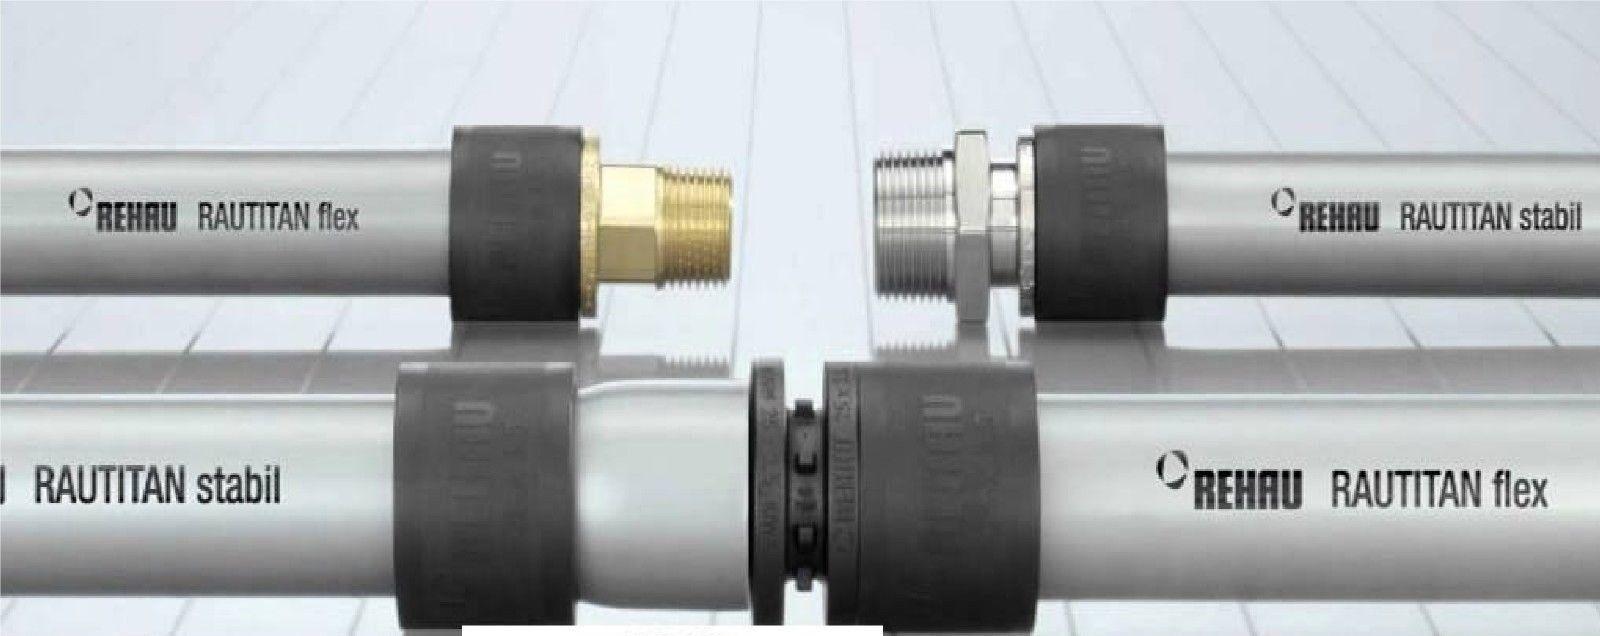 Rehau Rautitan Stabil Flex Verbund Rohr 16mm 20mm 20mm 20mm 25mm 32mm für Wasser und Wärme 50418e